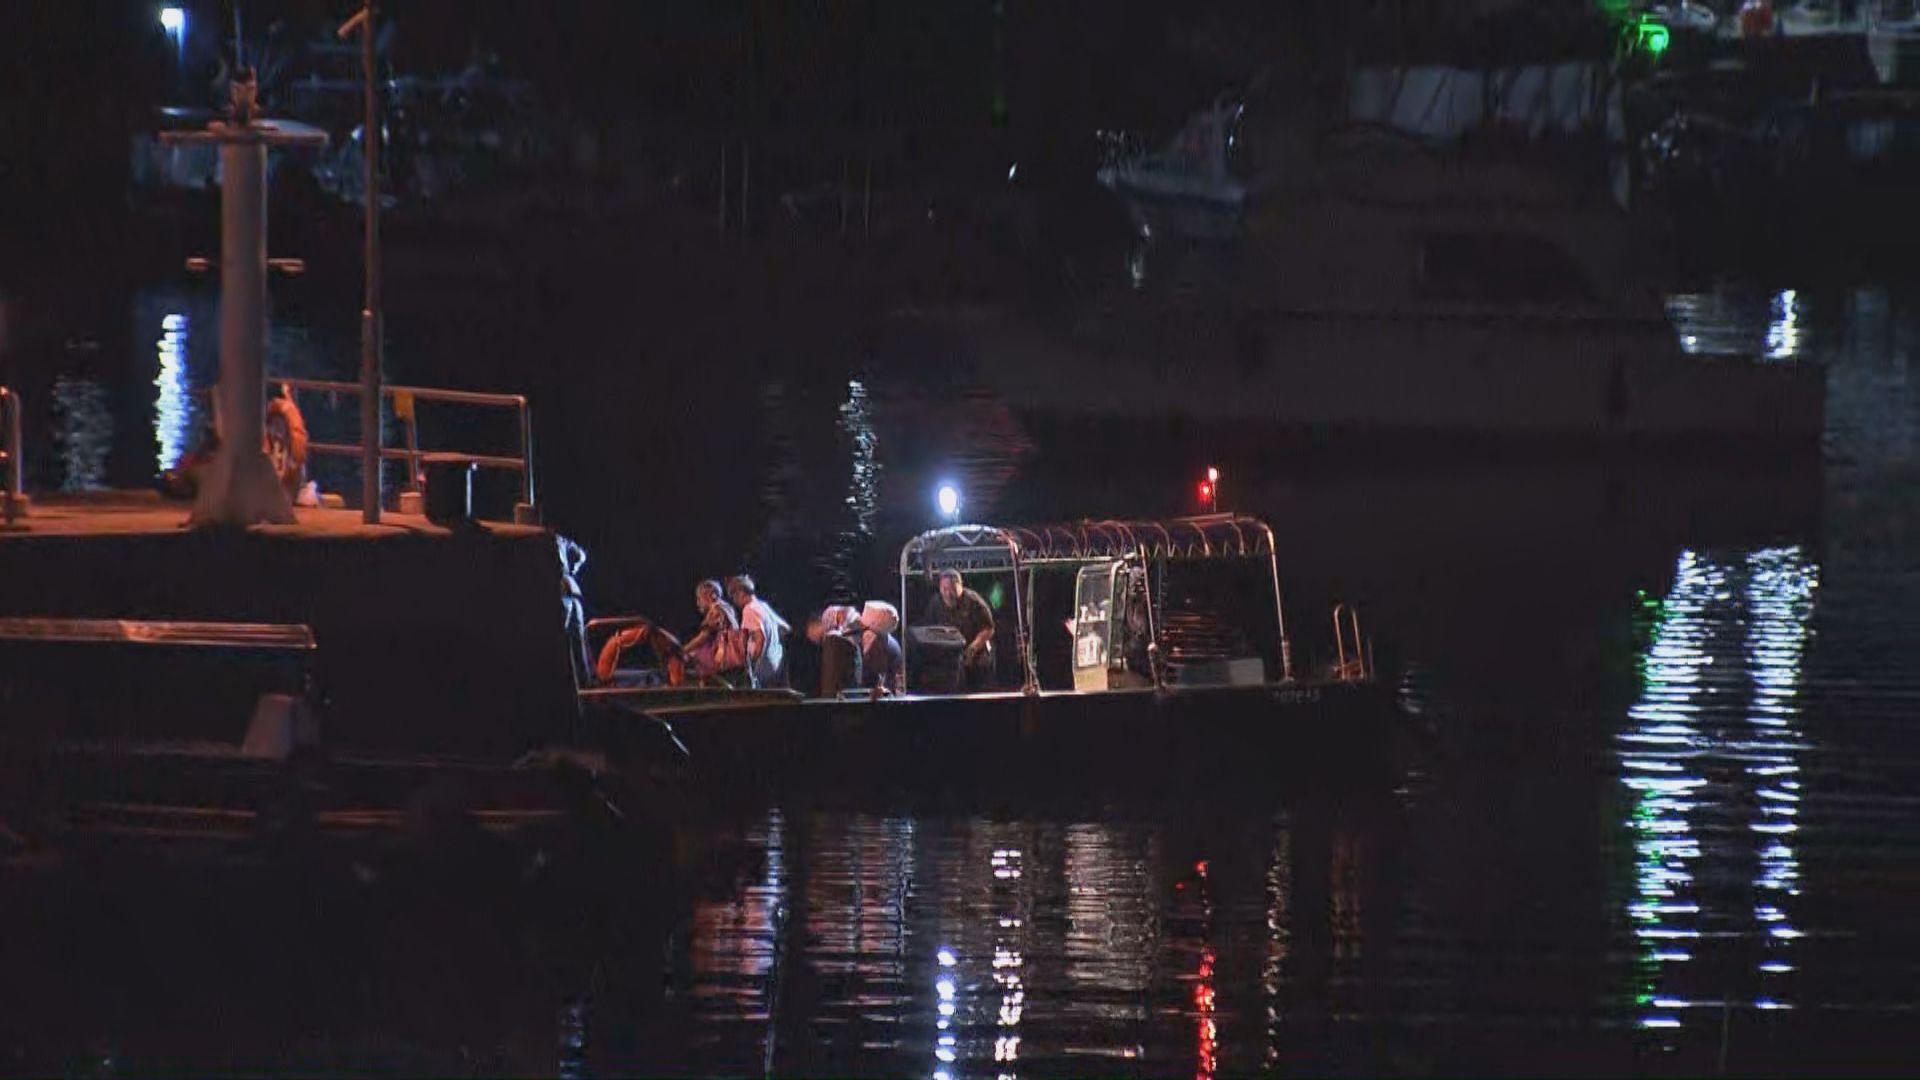 三門仔快艇翻側十二人墮海四傷一狗溺斃